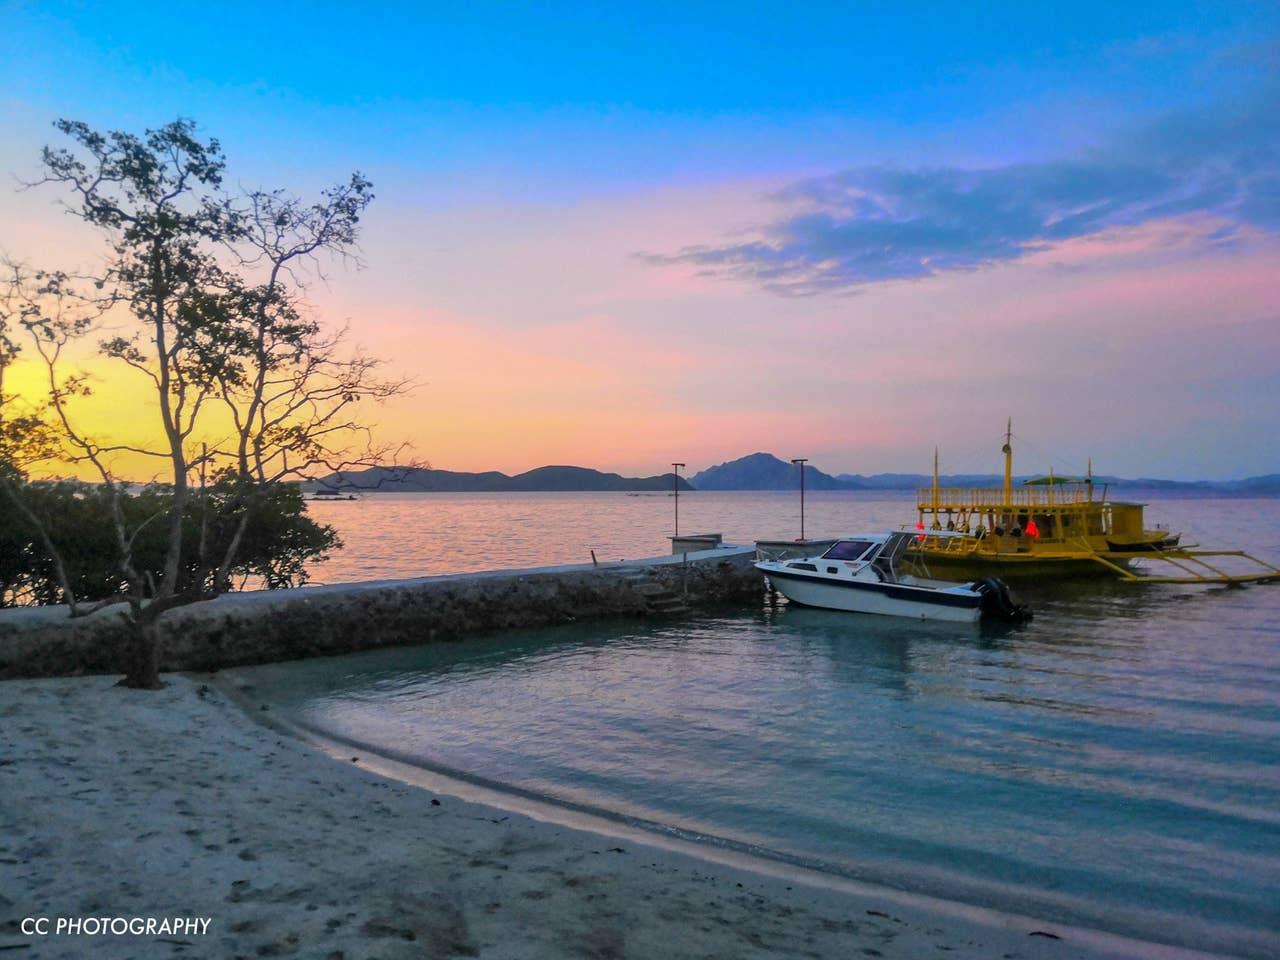 Cawa-cawa Private Island, Philippines